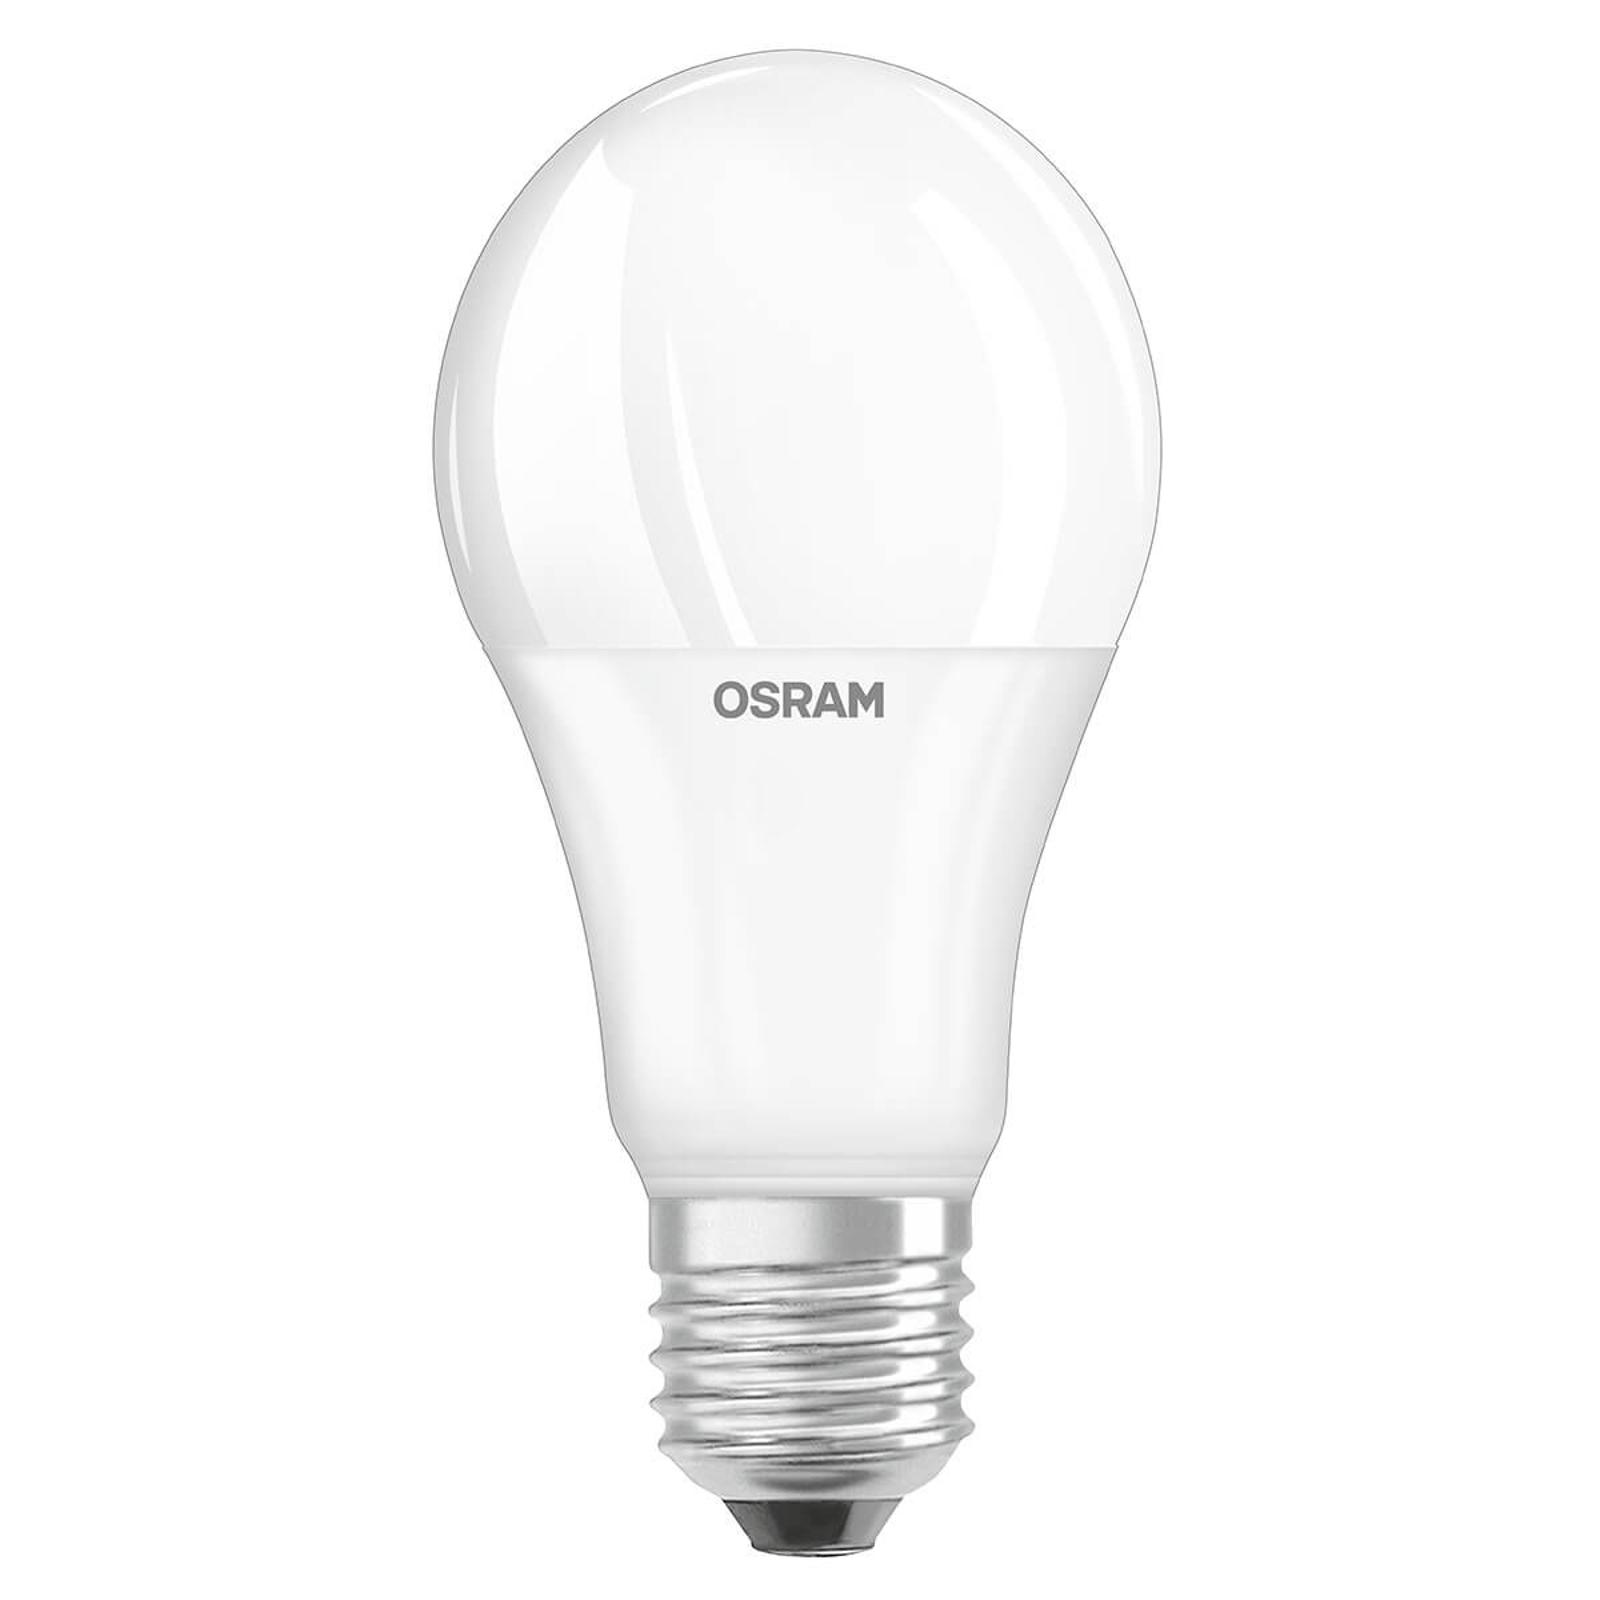 OSRAM LED-Lampe E27 9W 827 mit Tageslichtsensor